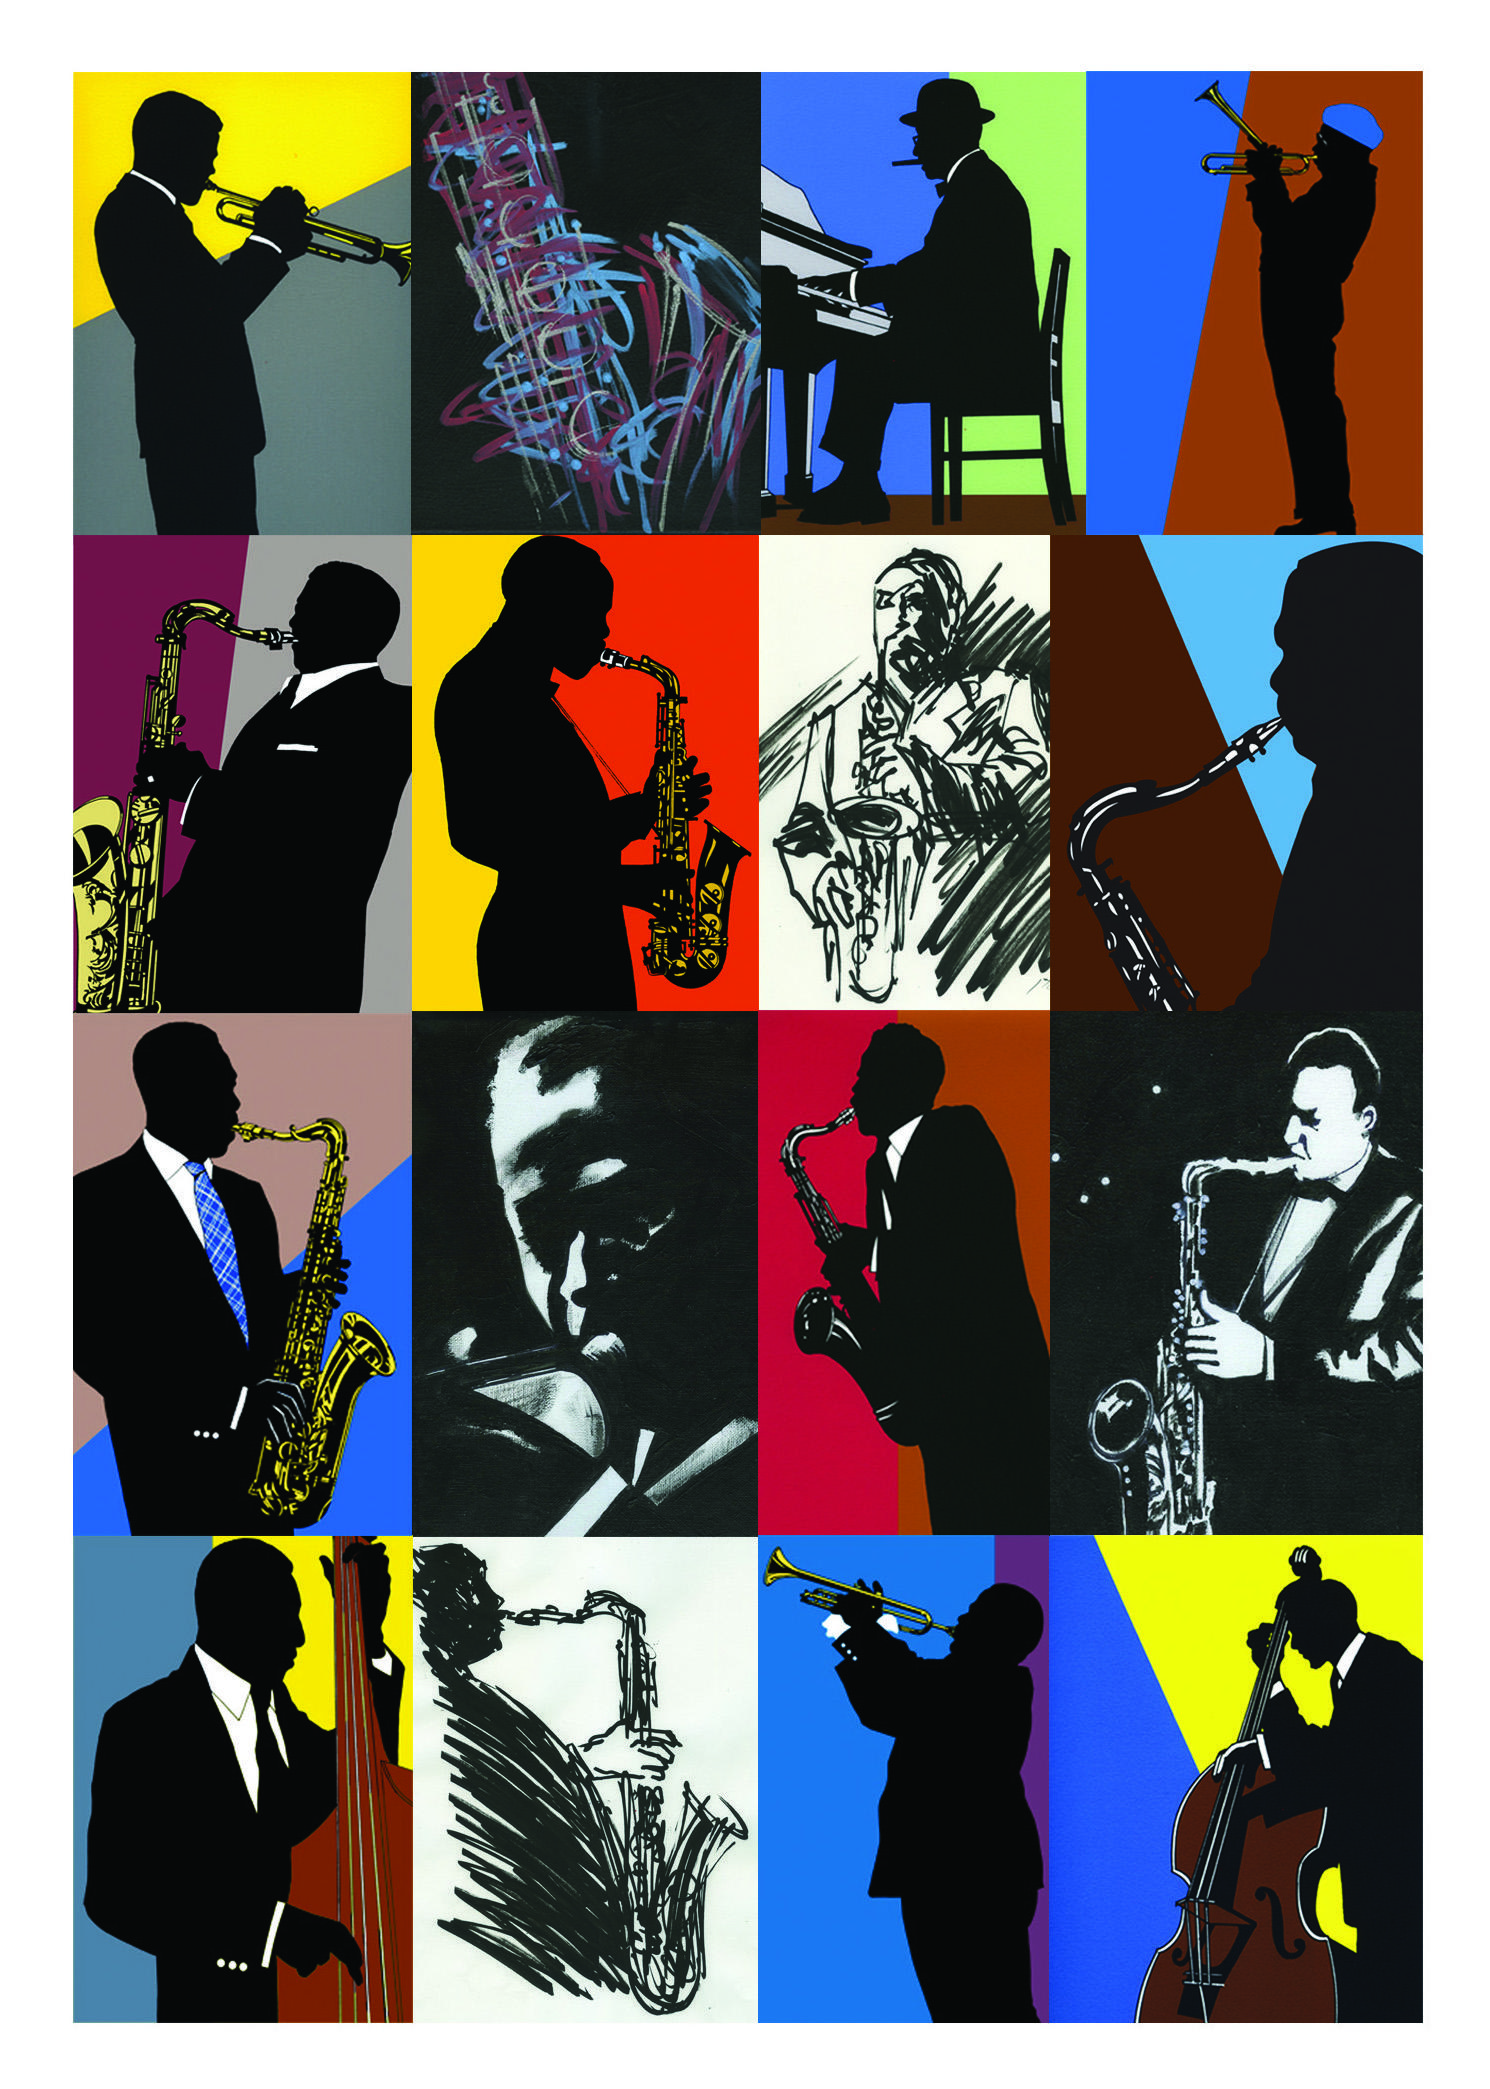 Rod Dyer Jazz | Original Artwork Exhibition